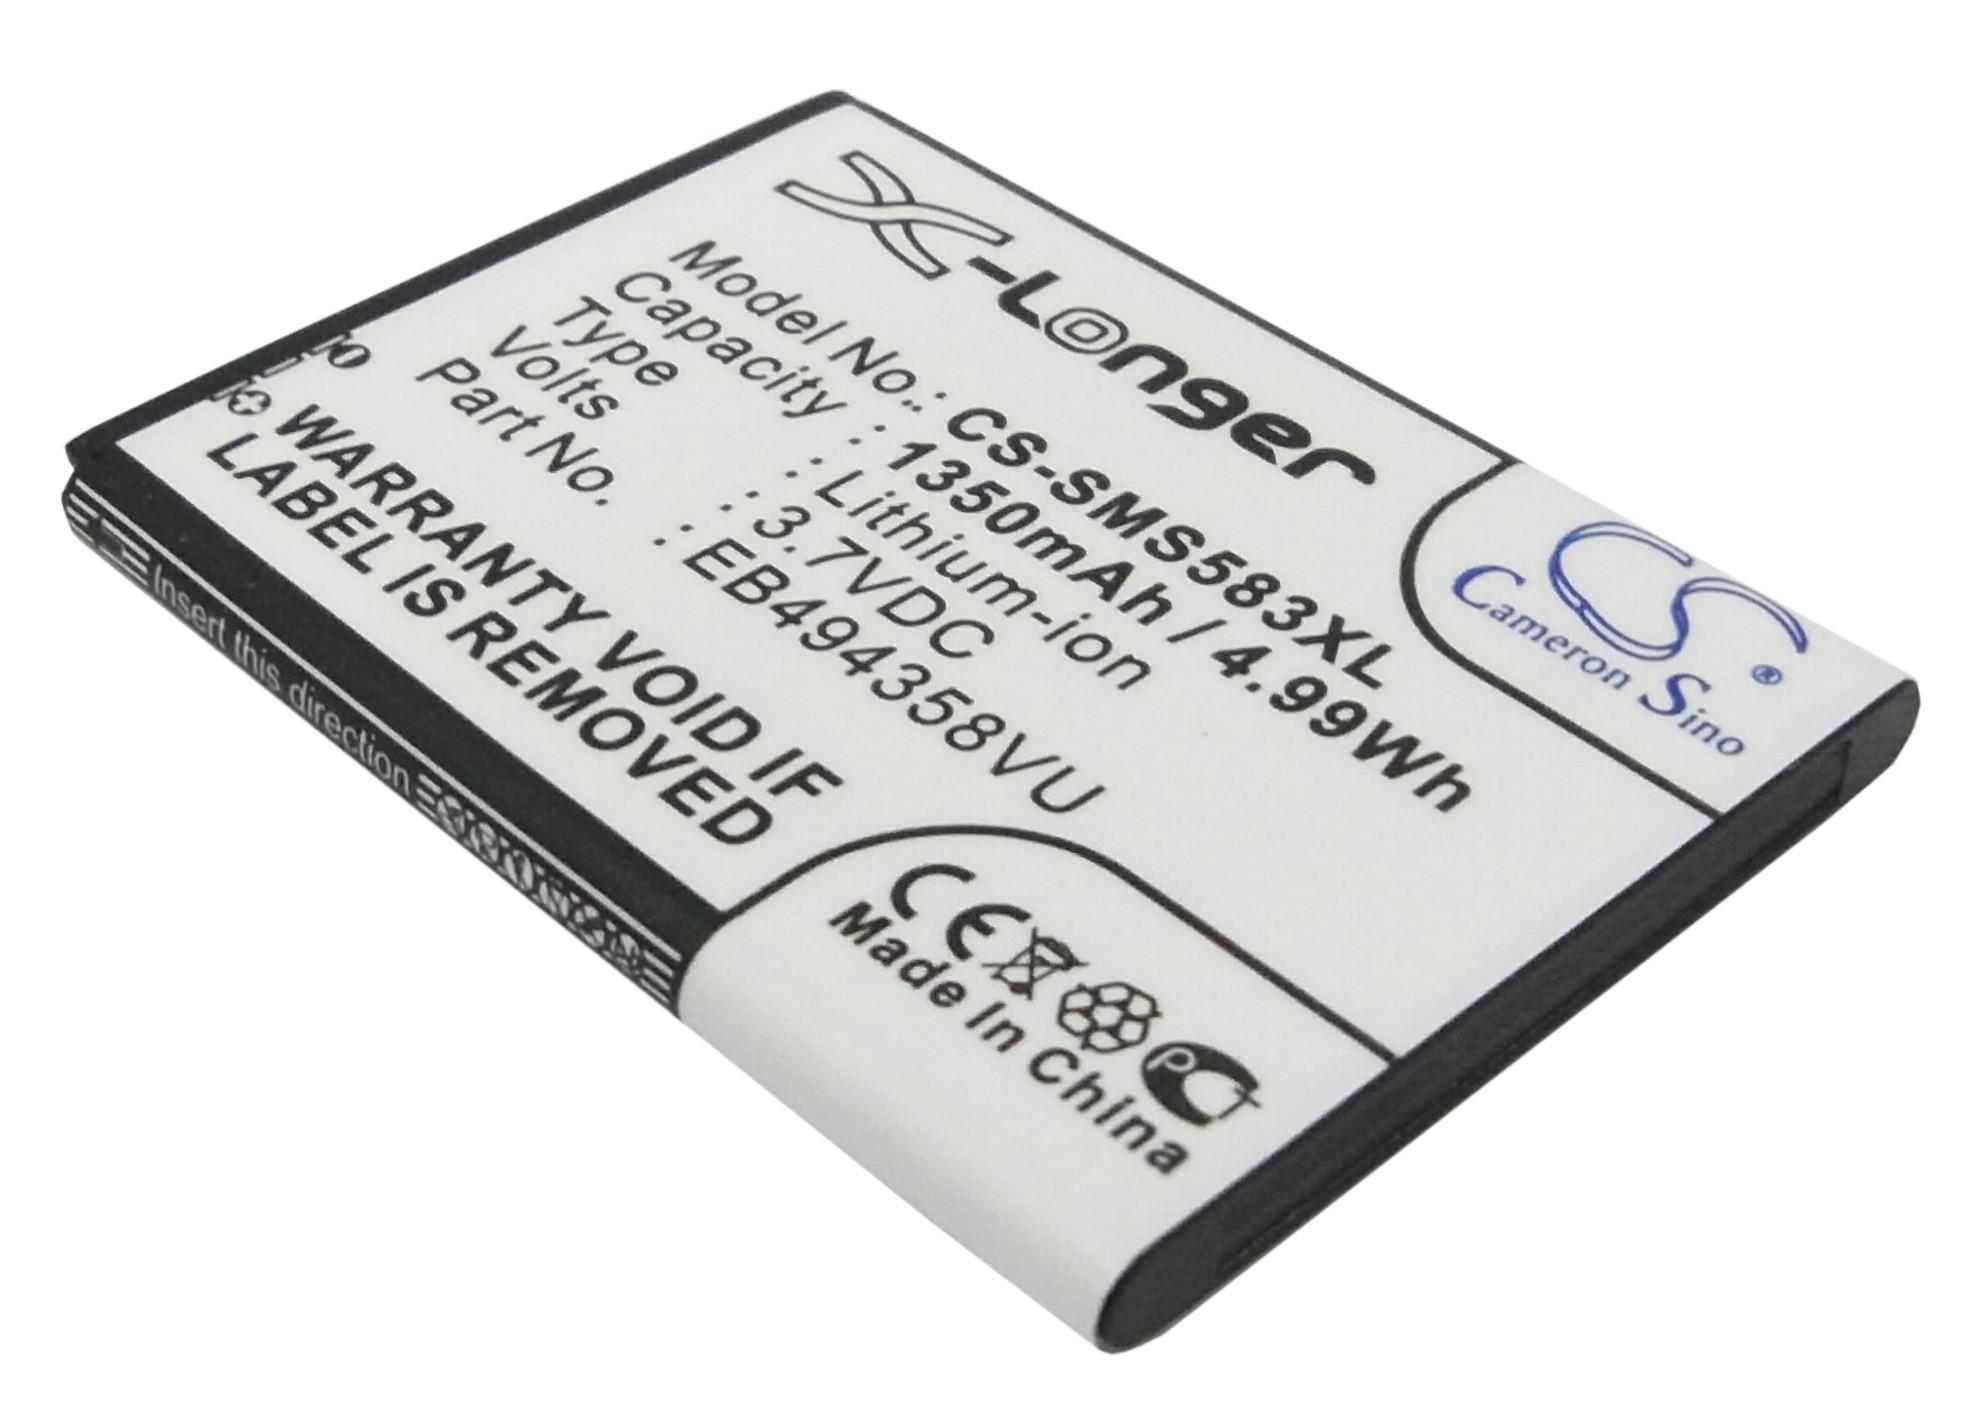 Cameron Sino baterie do mobilů pro SAMSUNG Ace 3.7V Li-ion 1350mAh černá - neoriginální